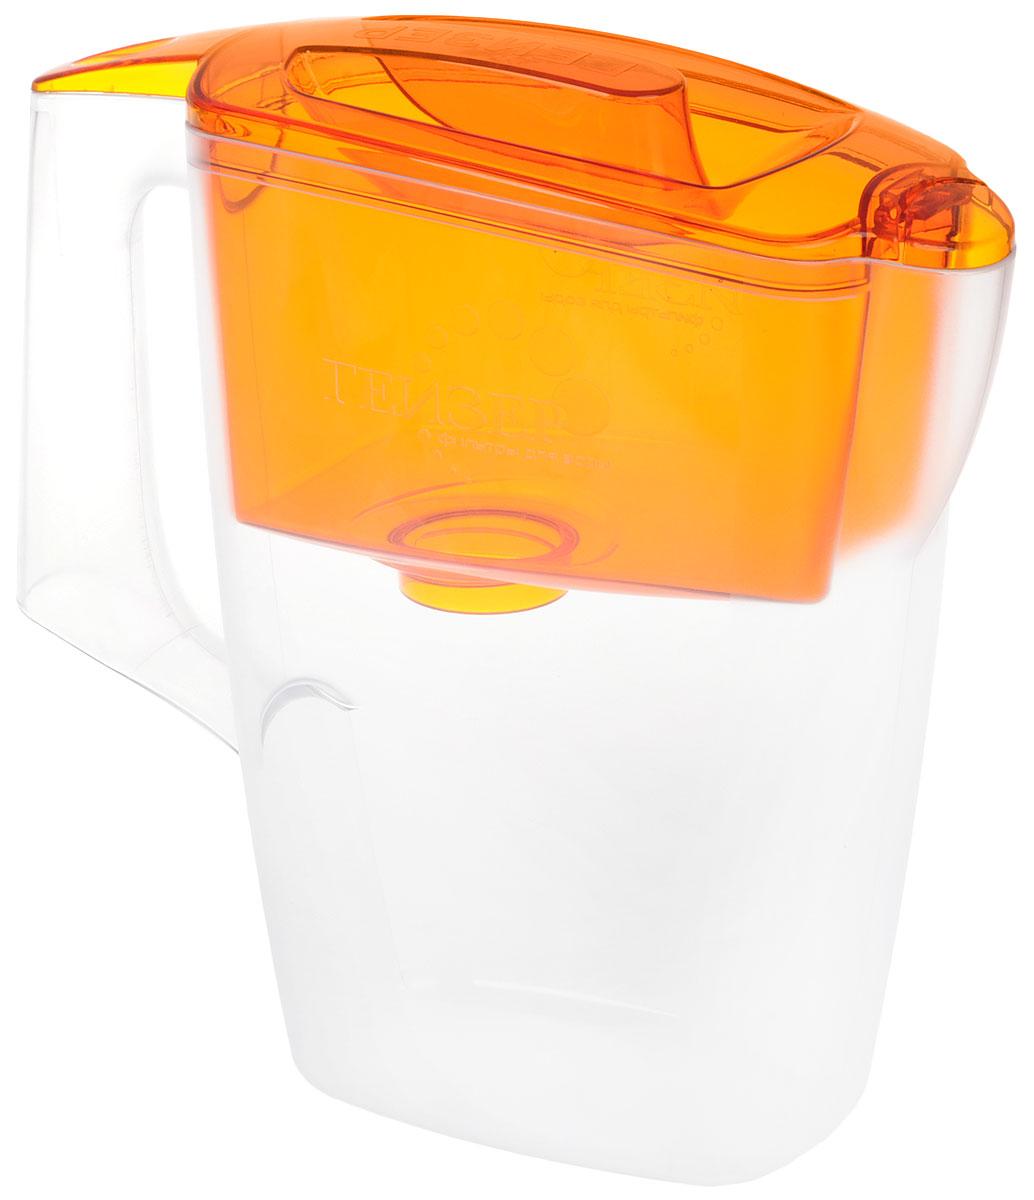 Фильтр-кувшин Гейзер Мини, с картриджем, цвет: прозрачный, оранжевый, 2,5 + Смесь для глинтвейнаСтандарт (голуб.)Фильтр-кувшин Гейзер Мини, выполненный из пластика, станет необходимым помощником на вашей кухне. Он предназначен для очистки холодной водопроводной, скважинной и колодезной воды от ржавчины, растворенного железа, тяжелых металлов, хлора, органических соединений и других примесей.Фильтр-кувшин обладает рядом преимуществ:- компактный размер, помещается в дверце холодильника, - имеет шкалу объема очищенной воды, - оснащен герметичной системой установки картриджа, - можно мыть в посудомоечной машине.В комплект входит сменный картридж и смесь для глинтвейна.Глинтвейн - горячий напиток на основе вина. Крупные кусочки специй придают вину мягкий аромат и нежный вкус.Способ приготовления: возьмите 1 бутылку красного вина, 100 г сахара и пакетик смеси для глинтвейна. Разогрейте вино, сахар и смесь приправ до 80°С и оставьте на 1 час под крышкой. Для приготовления безалкогольного напитка возьмите вместо вина виноградный или вишневый сок. Сахар добавляйте по вкусу.Состав: изюм, имбирь, корица, цедра горького апельсина, кардамон, гвоздика.Пищевая ценность (на 100 г продукта): белки - 4,5 г, жиры - 1,9 г, углеводы - 54 г.Товар сертифицирован.Объем приемной воронки: 0,9 л.Полезный объем: 1,6 л.Высота кувшина: 23 см.